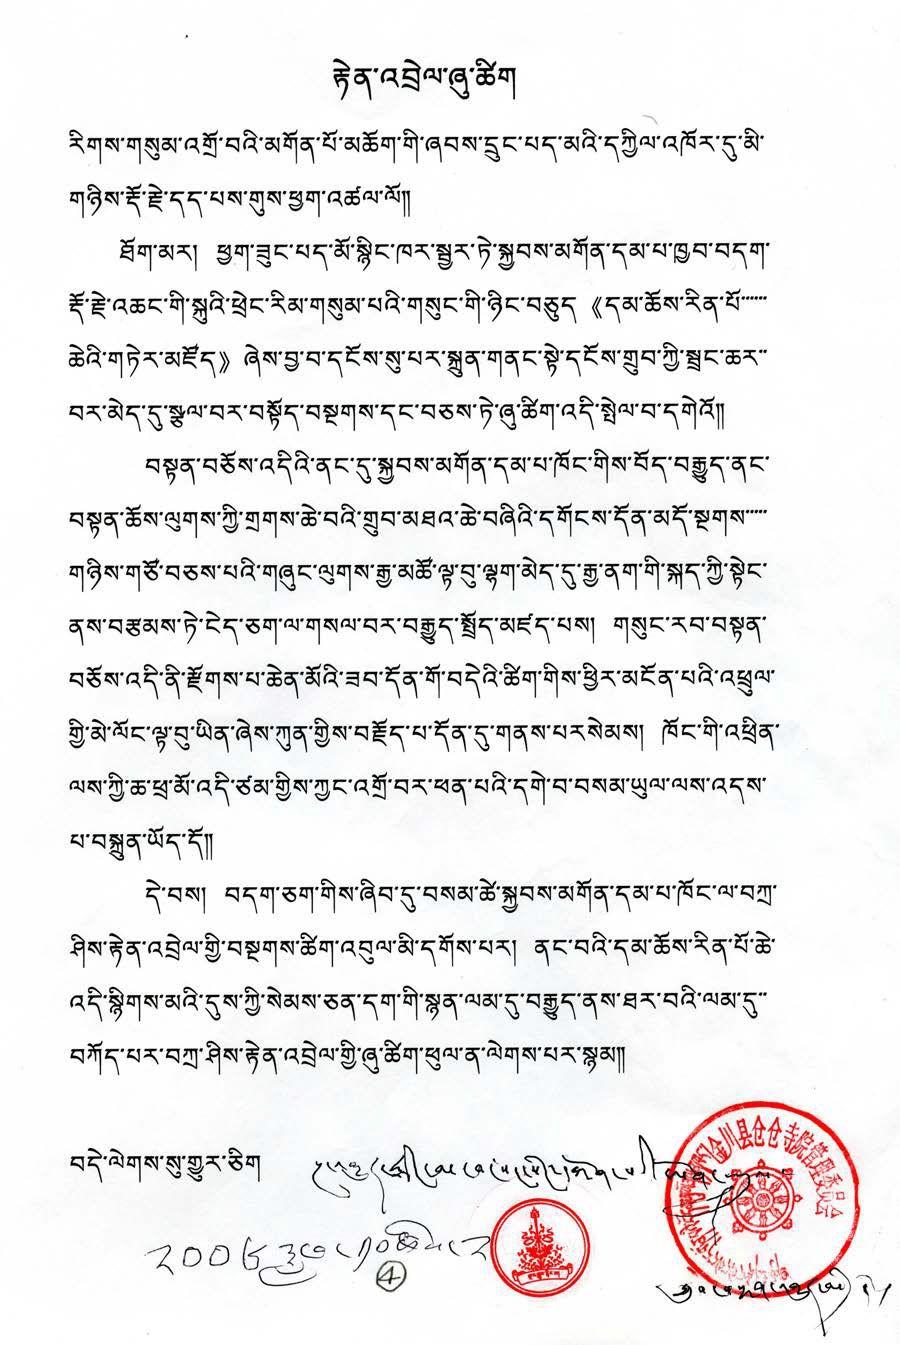 寧瑪派倉倉寺住持:土登晉美仁波且敬賀第三世多杰羌佛